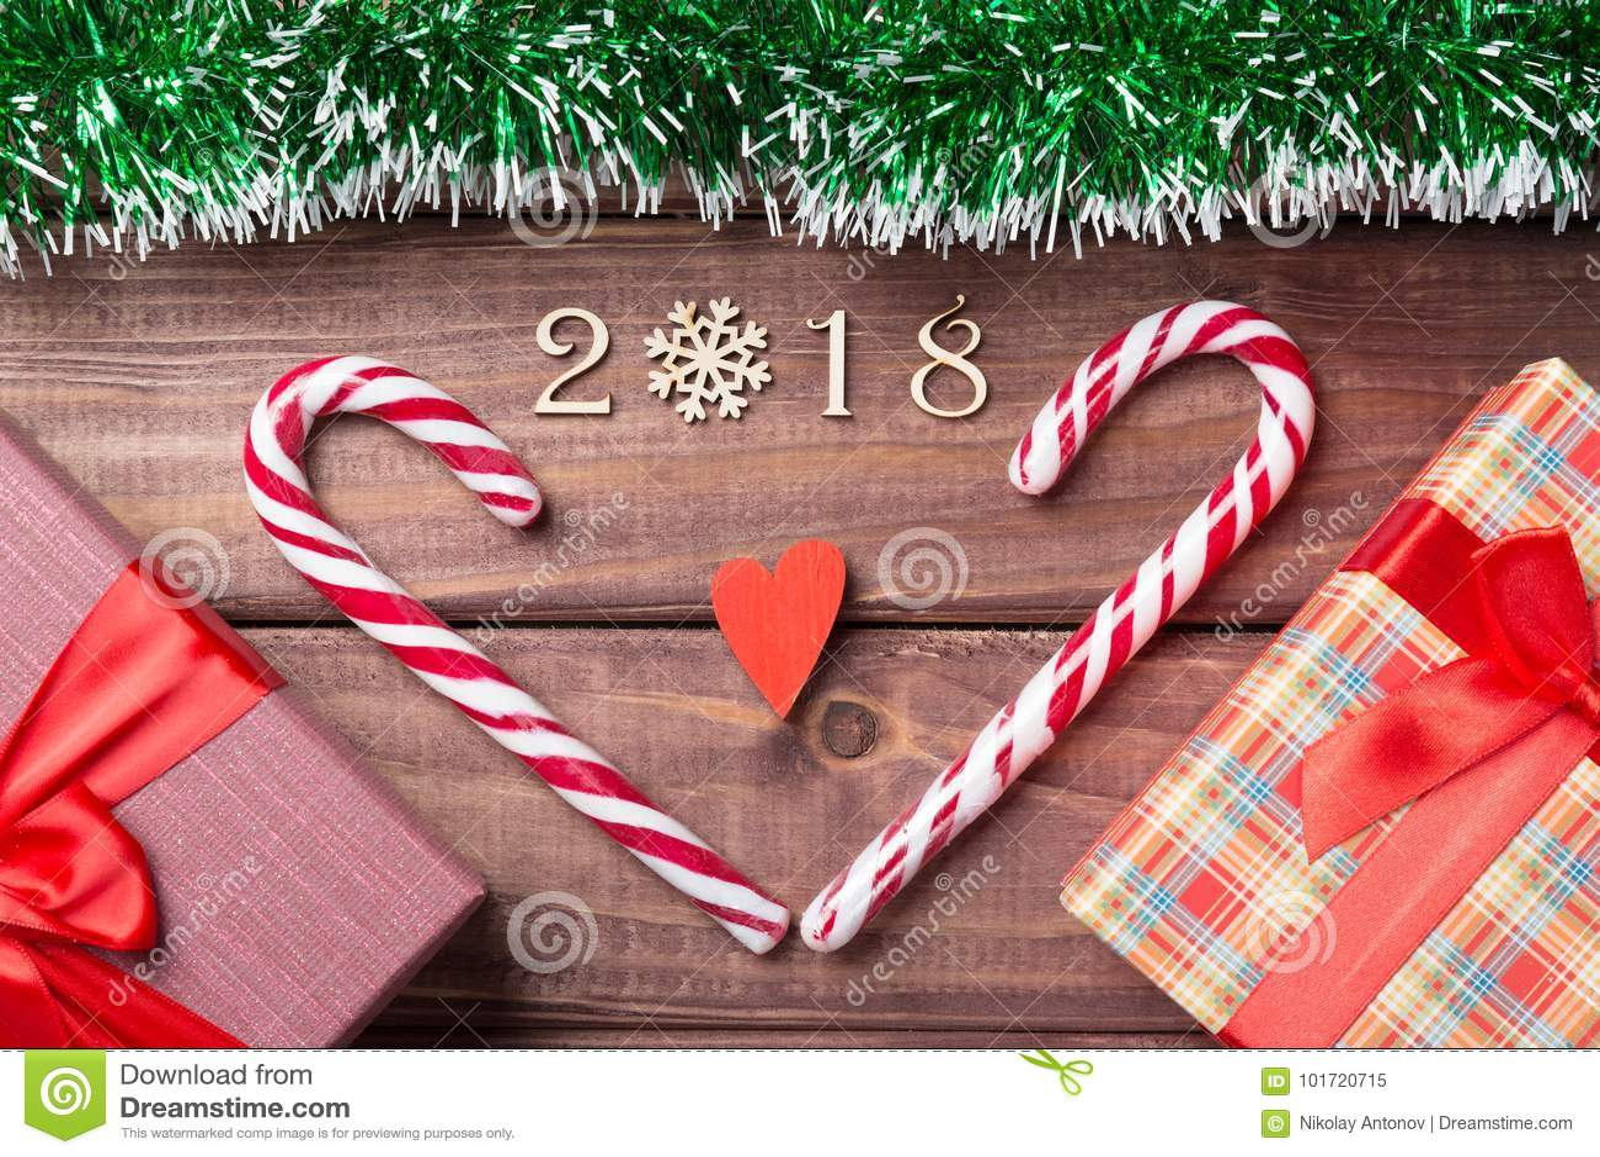 Tarjeta De Navidad Del Año Nuevo O 2018 Figuras Decorativas De ...